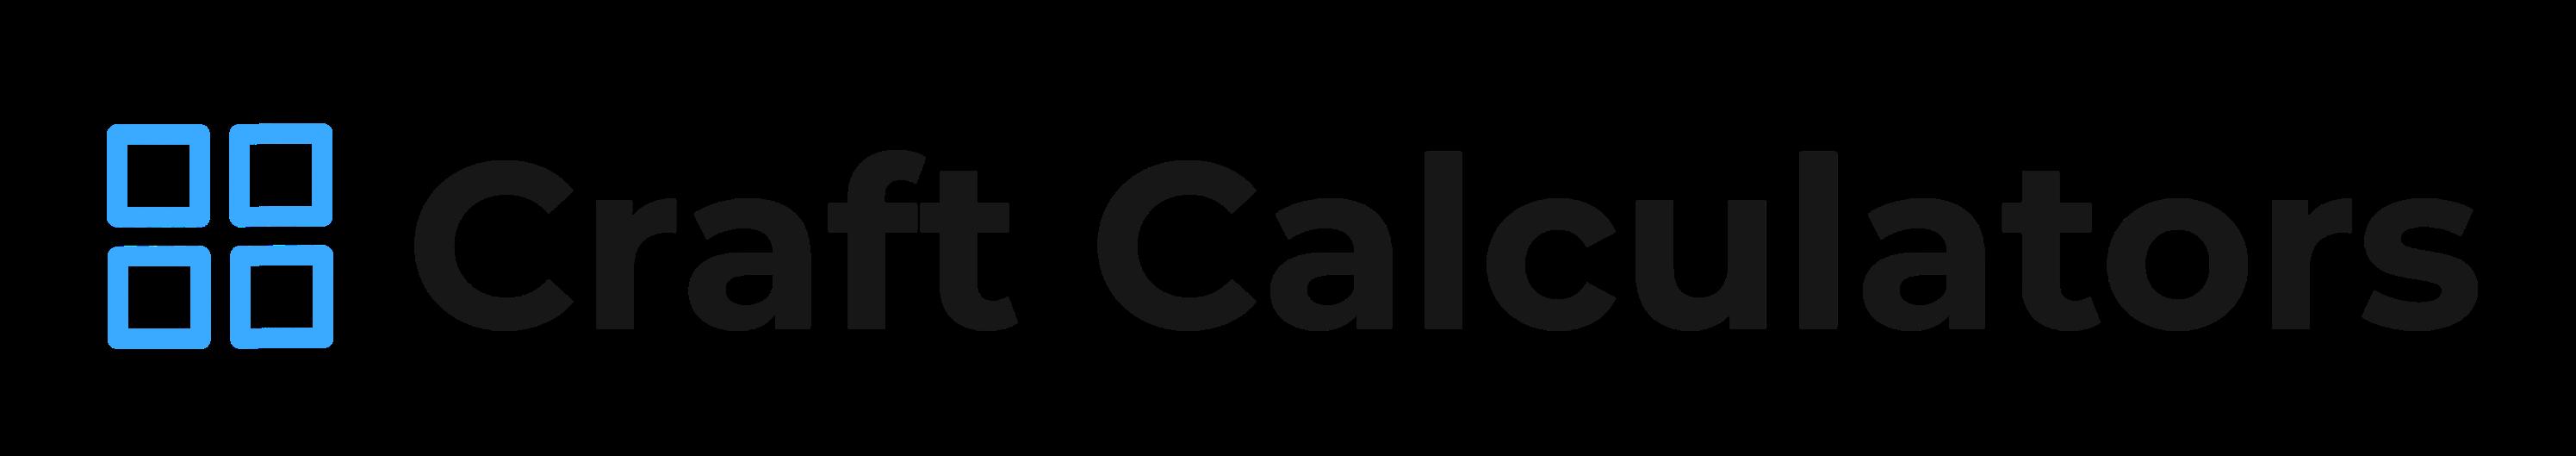 Craft Calculators